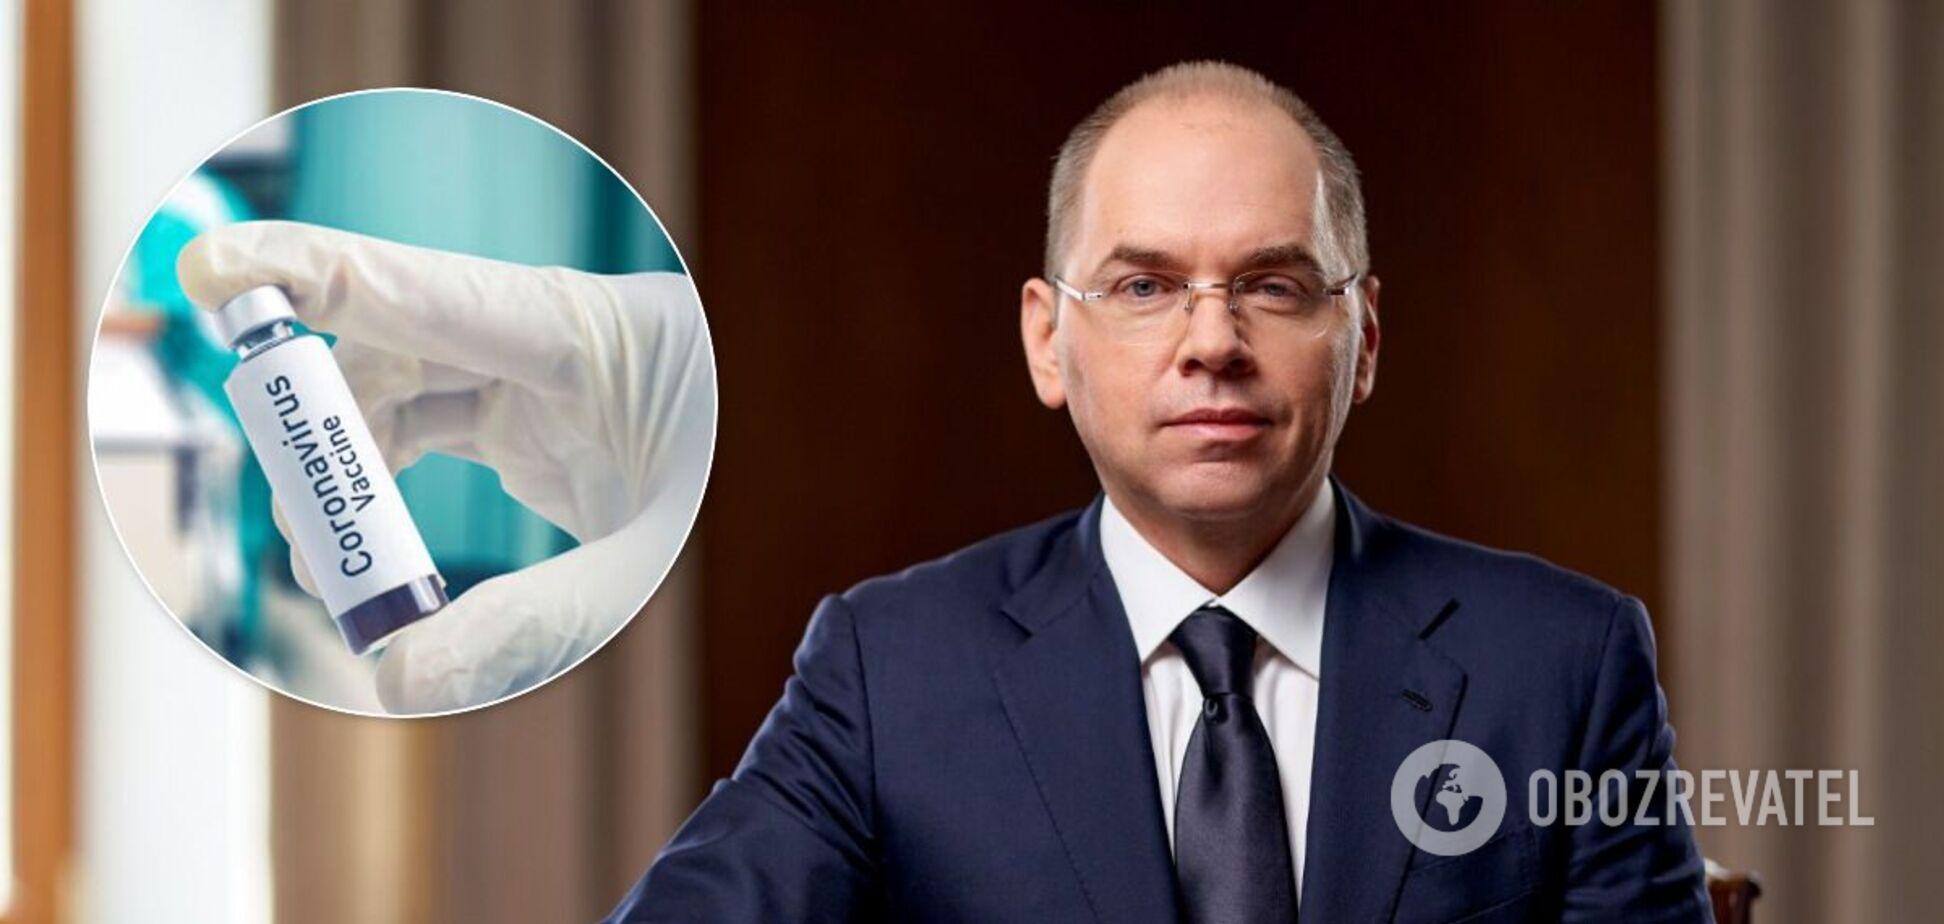 Максим Степанов рассказал, кто может обеспечить Украину вакциной от СOVID-19